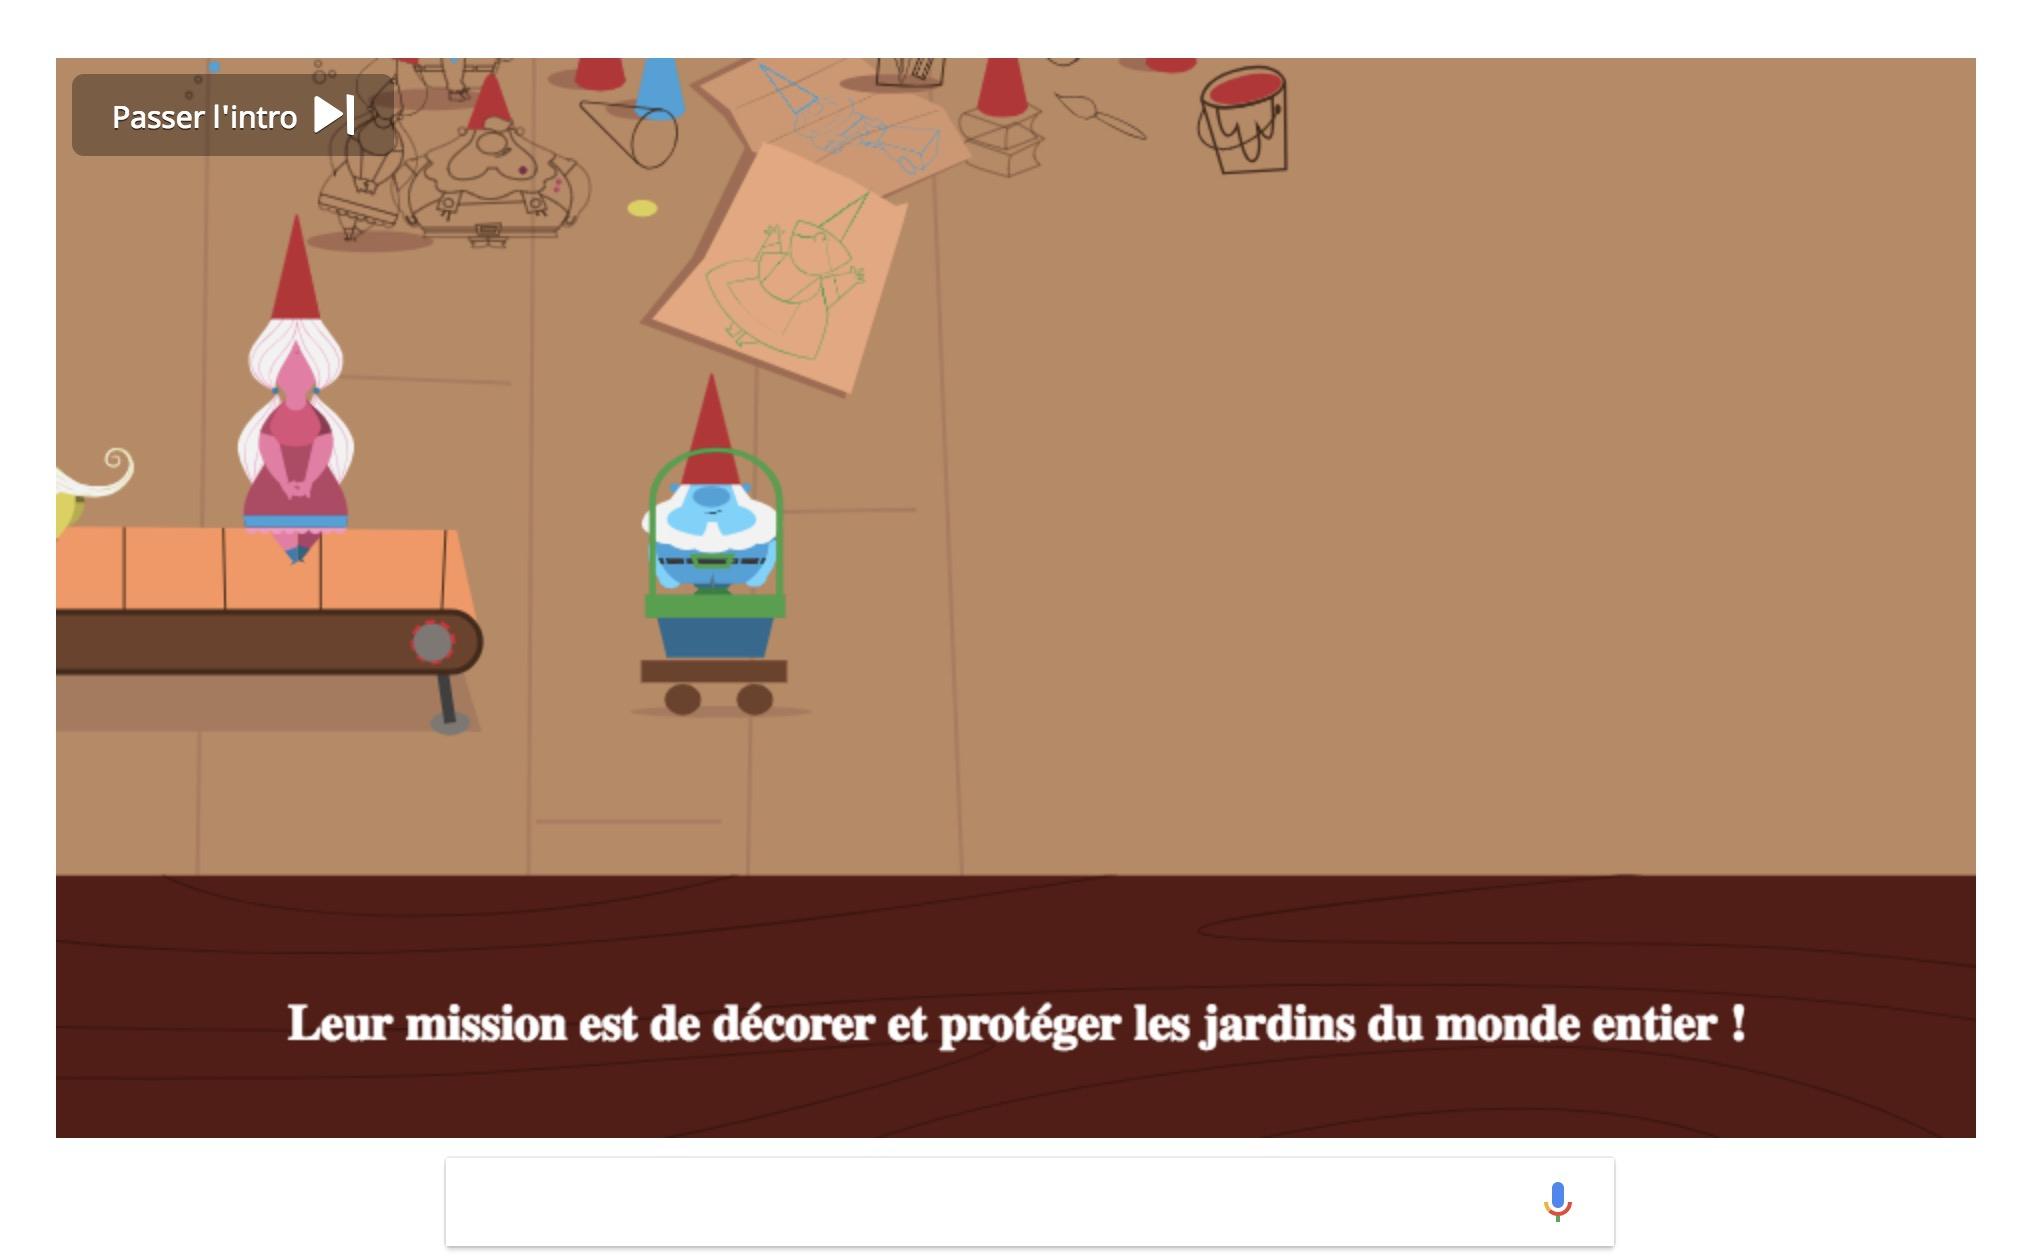 L'histoire Du Nain De Jardin En Addictif Doodle Interactif encequiconcerne Jeu De Nain De Jardin